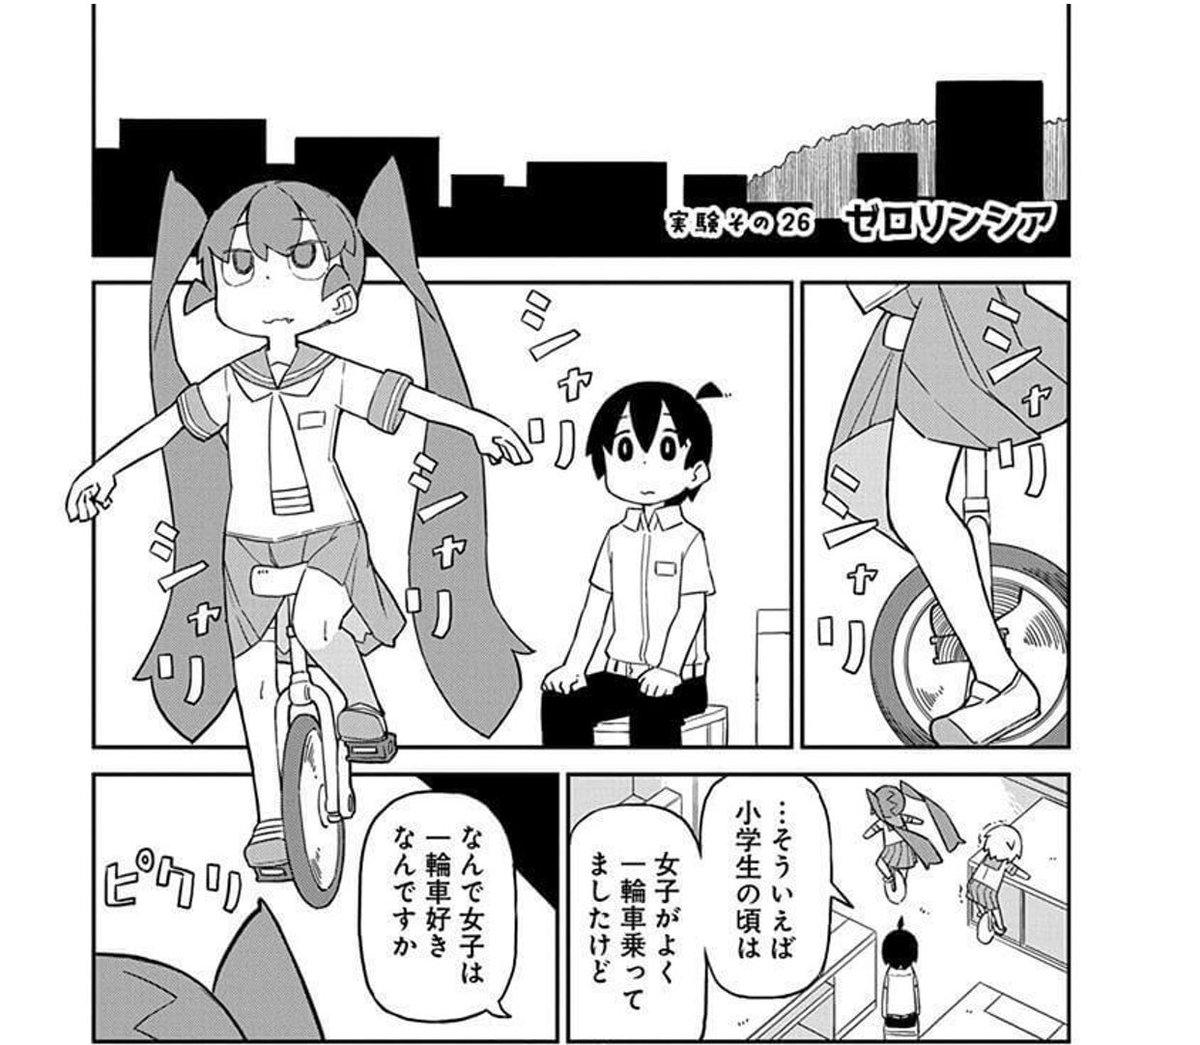 『上野さんは不器用』の面白さ3:ちょっとエロい?一輪車のような乗り物・ゼロリンシアで…